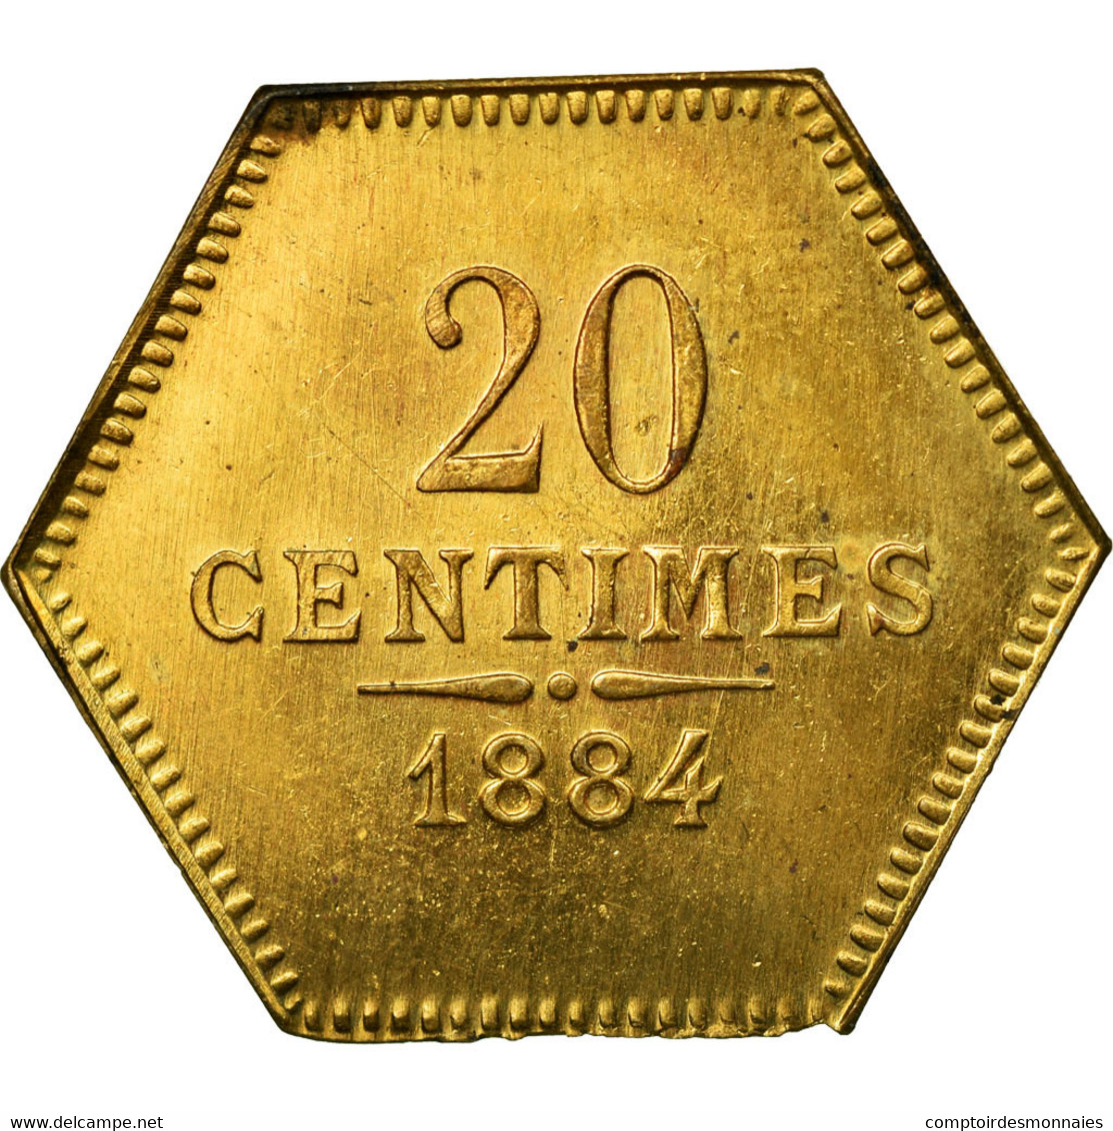 Monnaie, France, 20 Centimes, 1884, SUP+, Laiton - Monétaires / De Nécessité